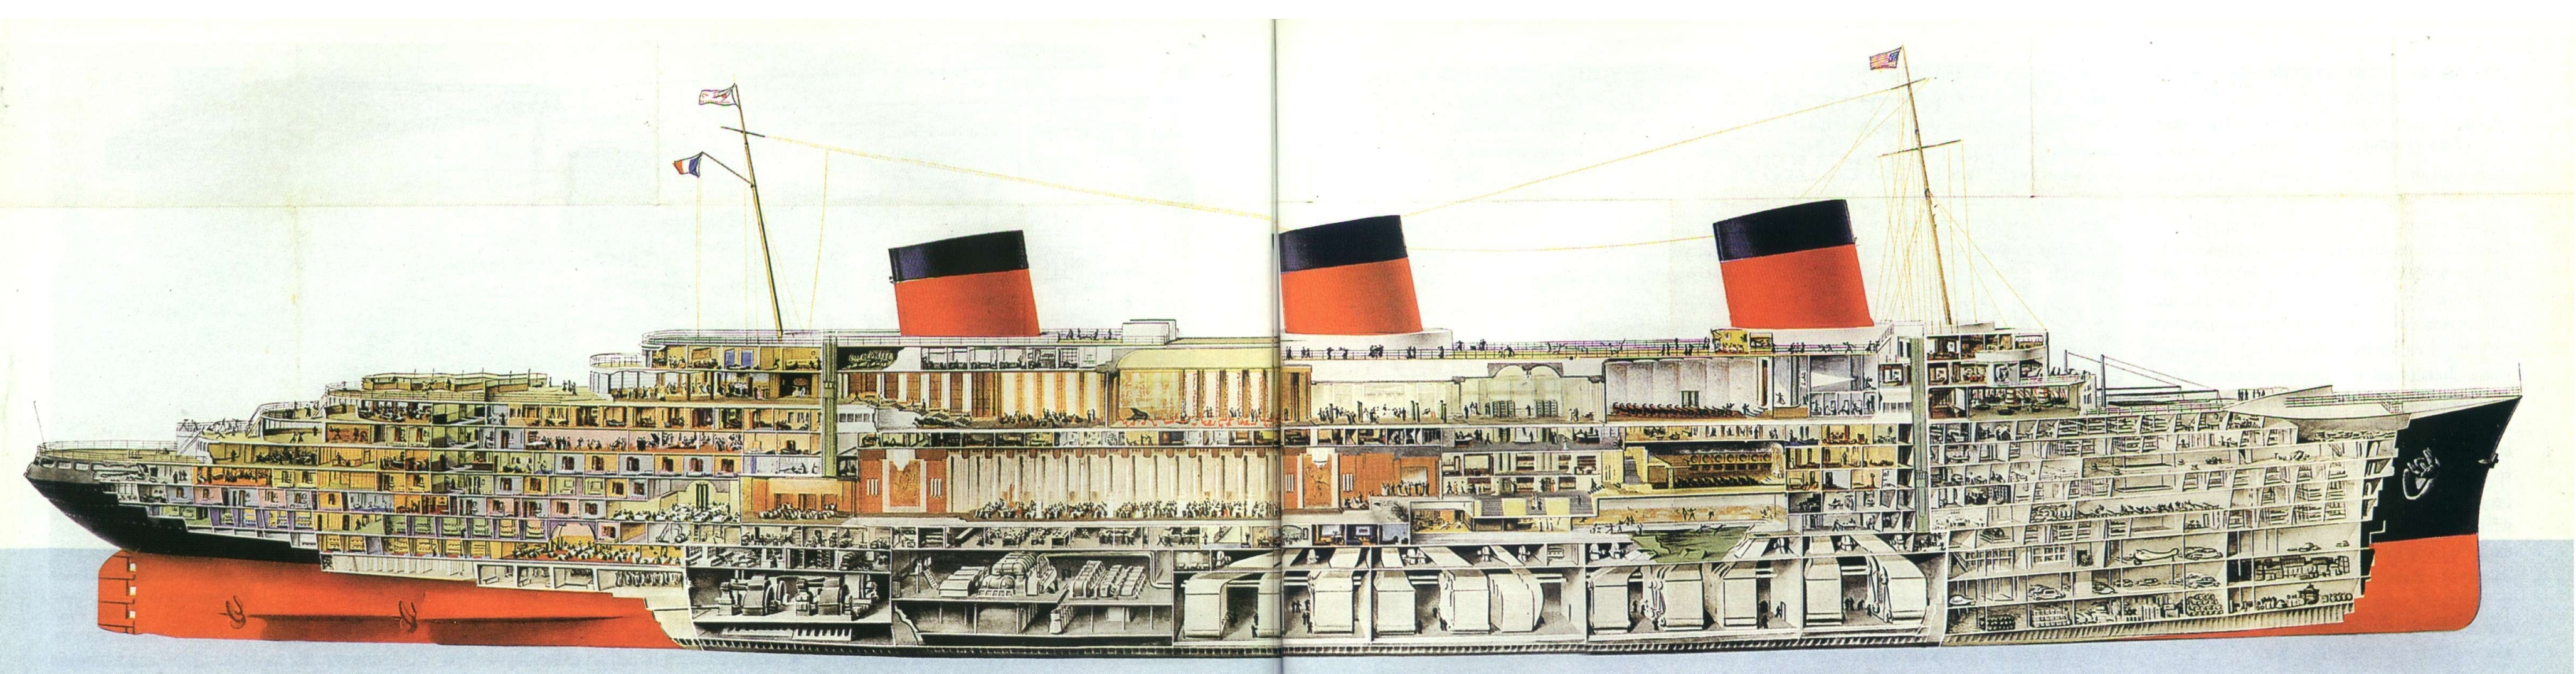 Cutaway view of SS Normandie.